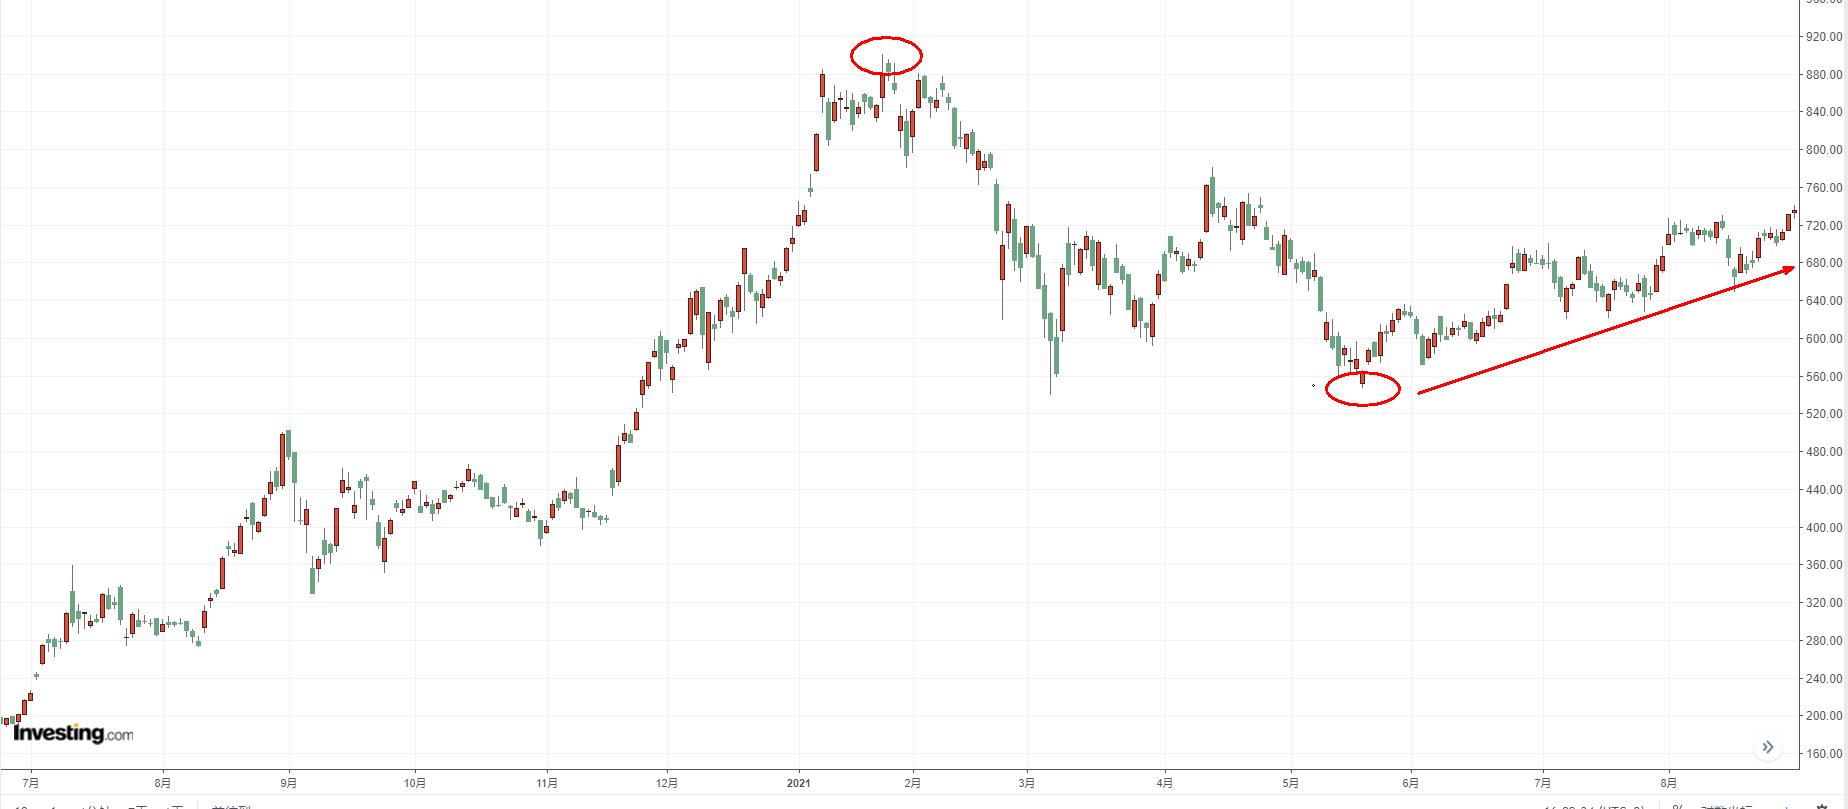 特斯拉日线图,来源:Investing.com